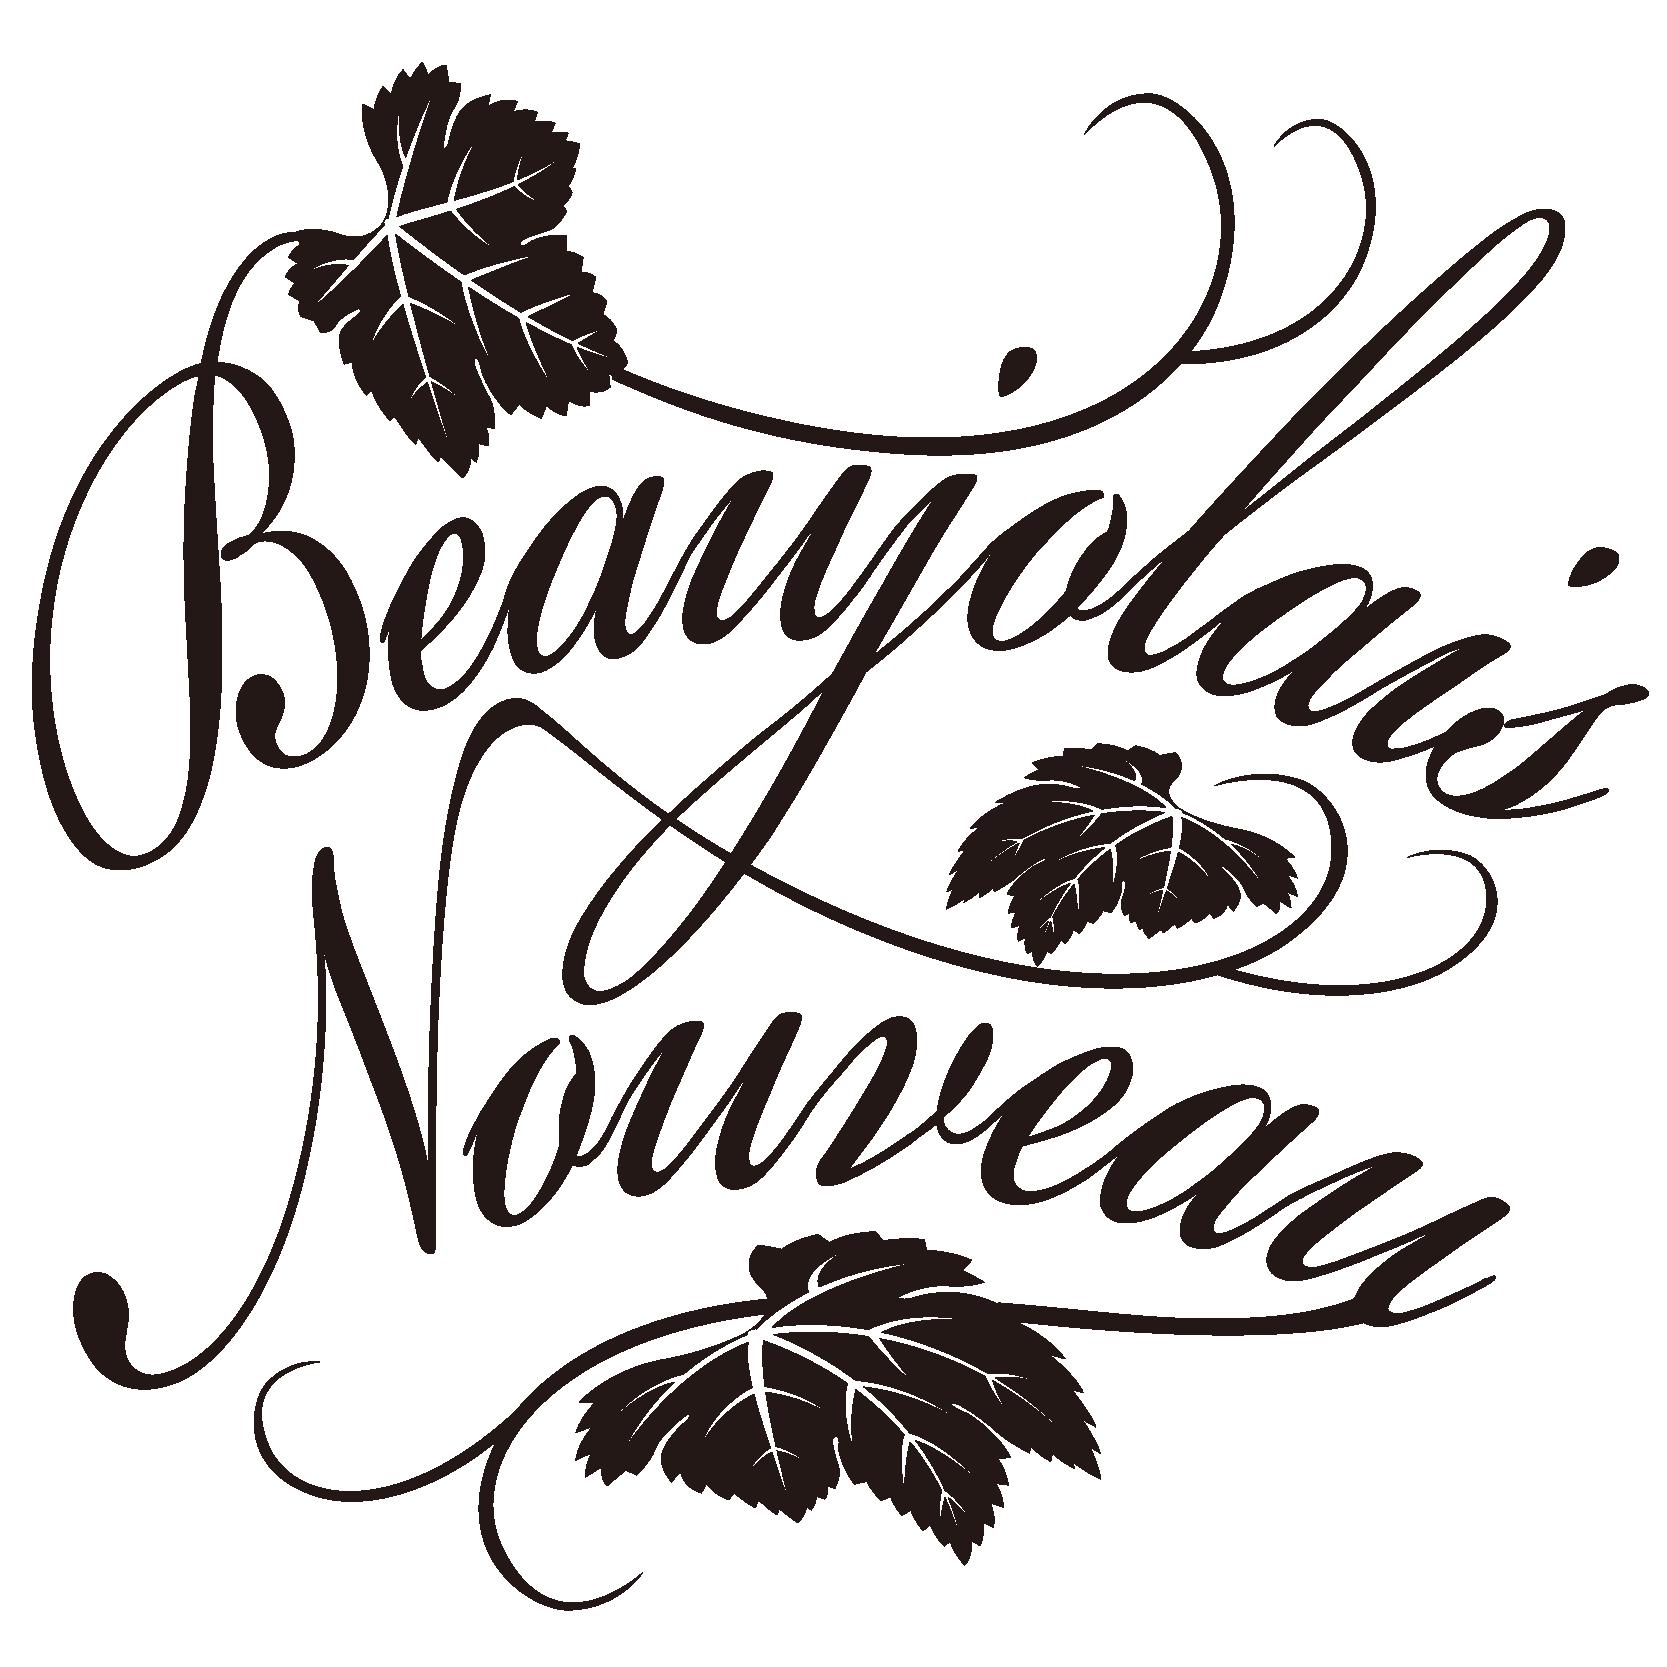 商用フリーイラスト_11月_ボジョレーヌーボー_文字_黒_Beaujolais Nouveau